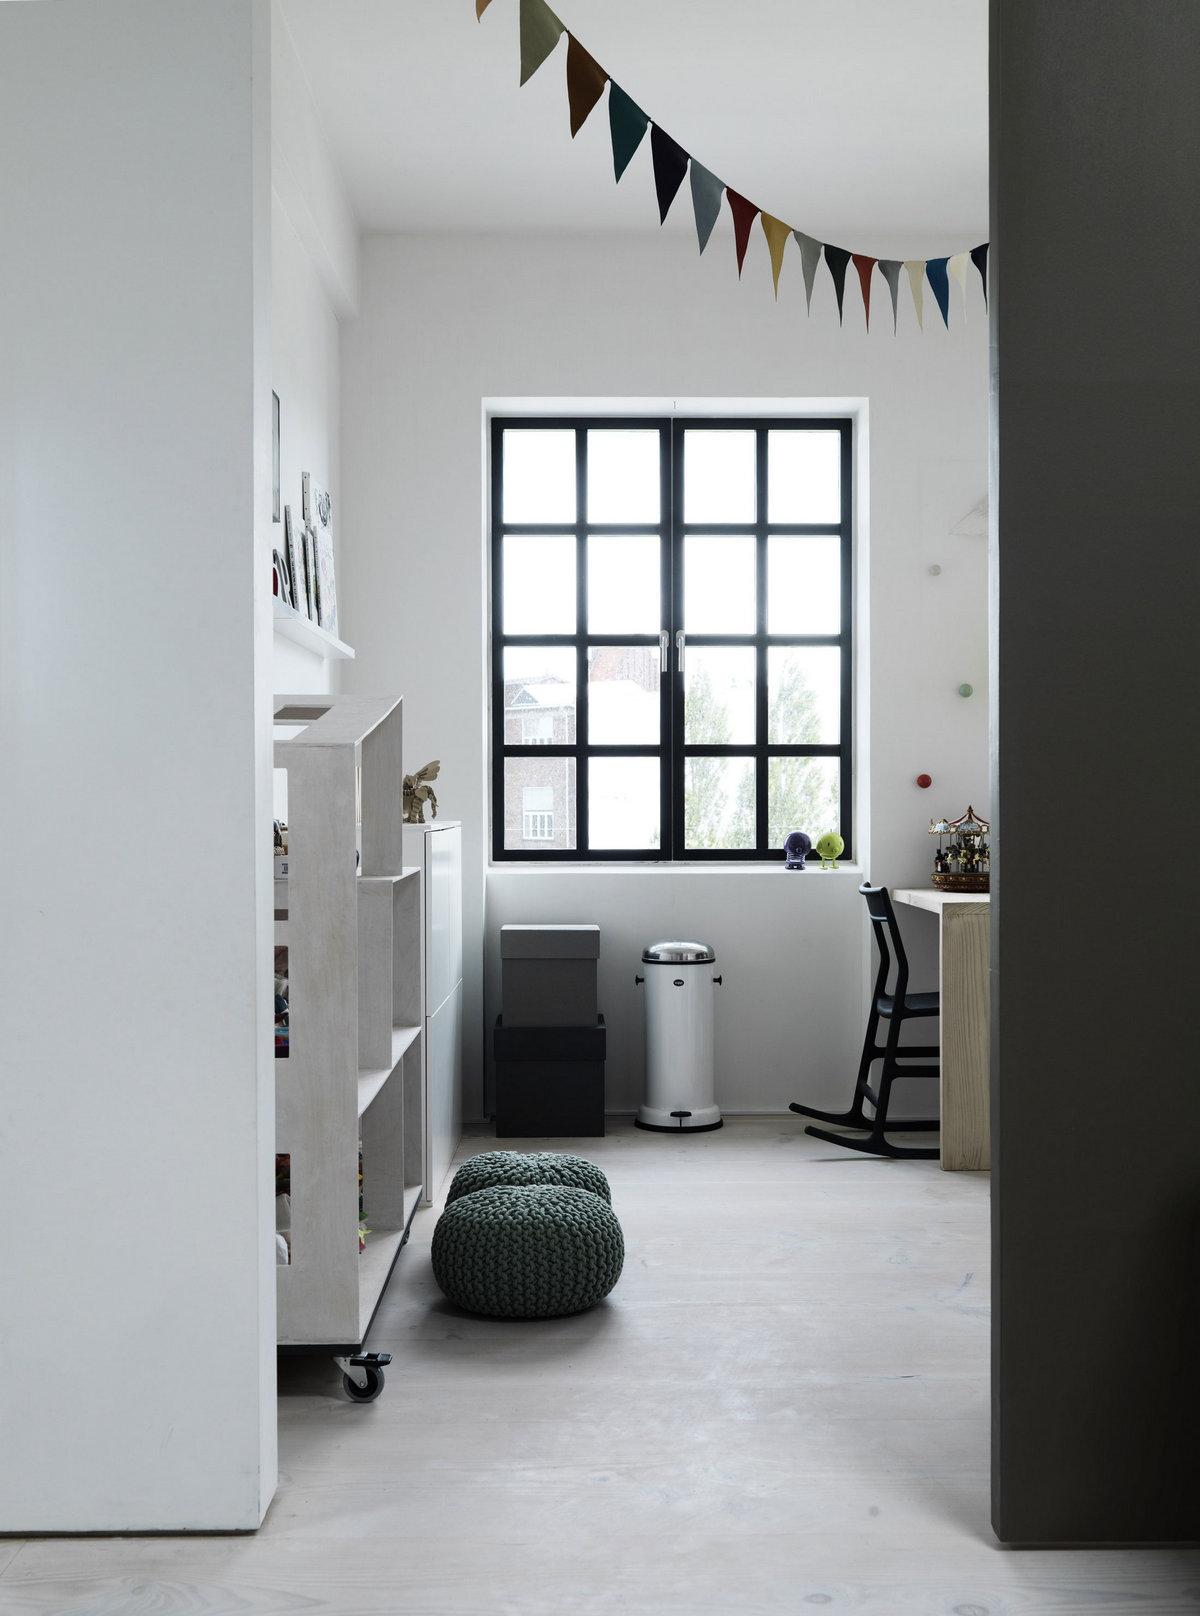 Мортен Бо Дженсен, Morten Bo Jensen, Vipp, скандинавский стиль интерьера, интерьер в светлом стиле, светлая паркетная доска, обзор квартиры, Дания